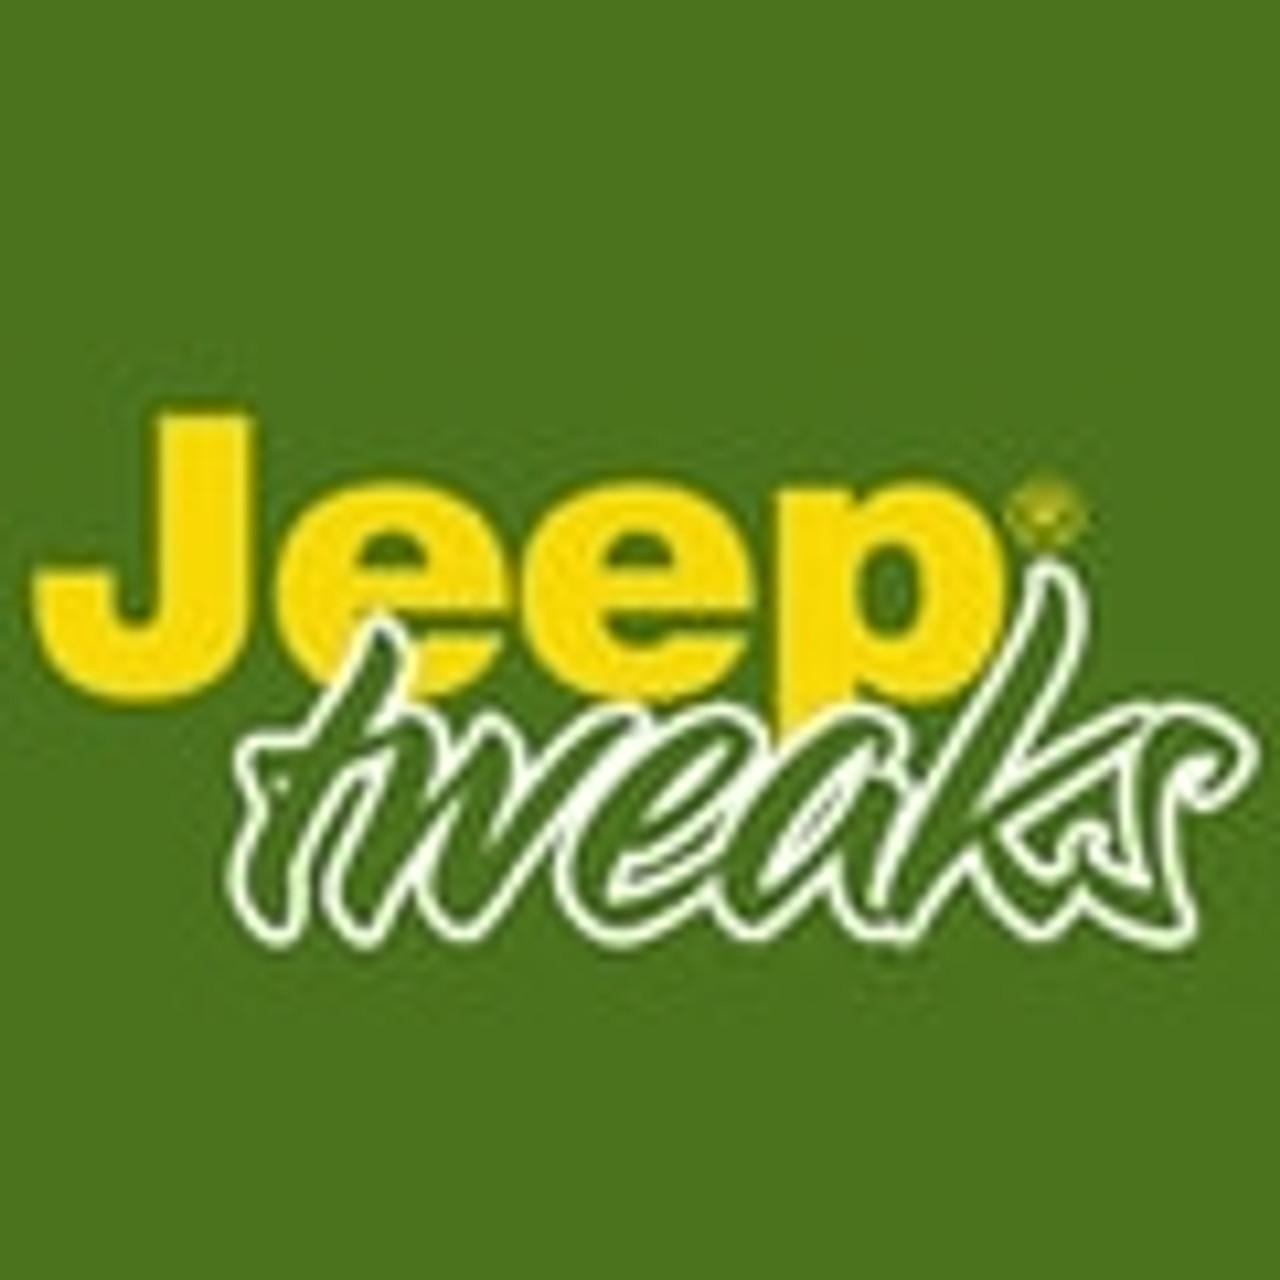 Jeep Tweaks